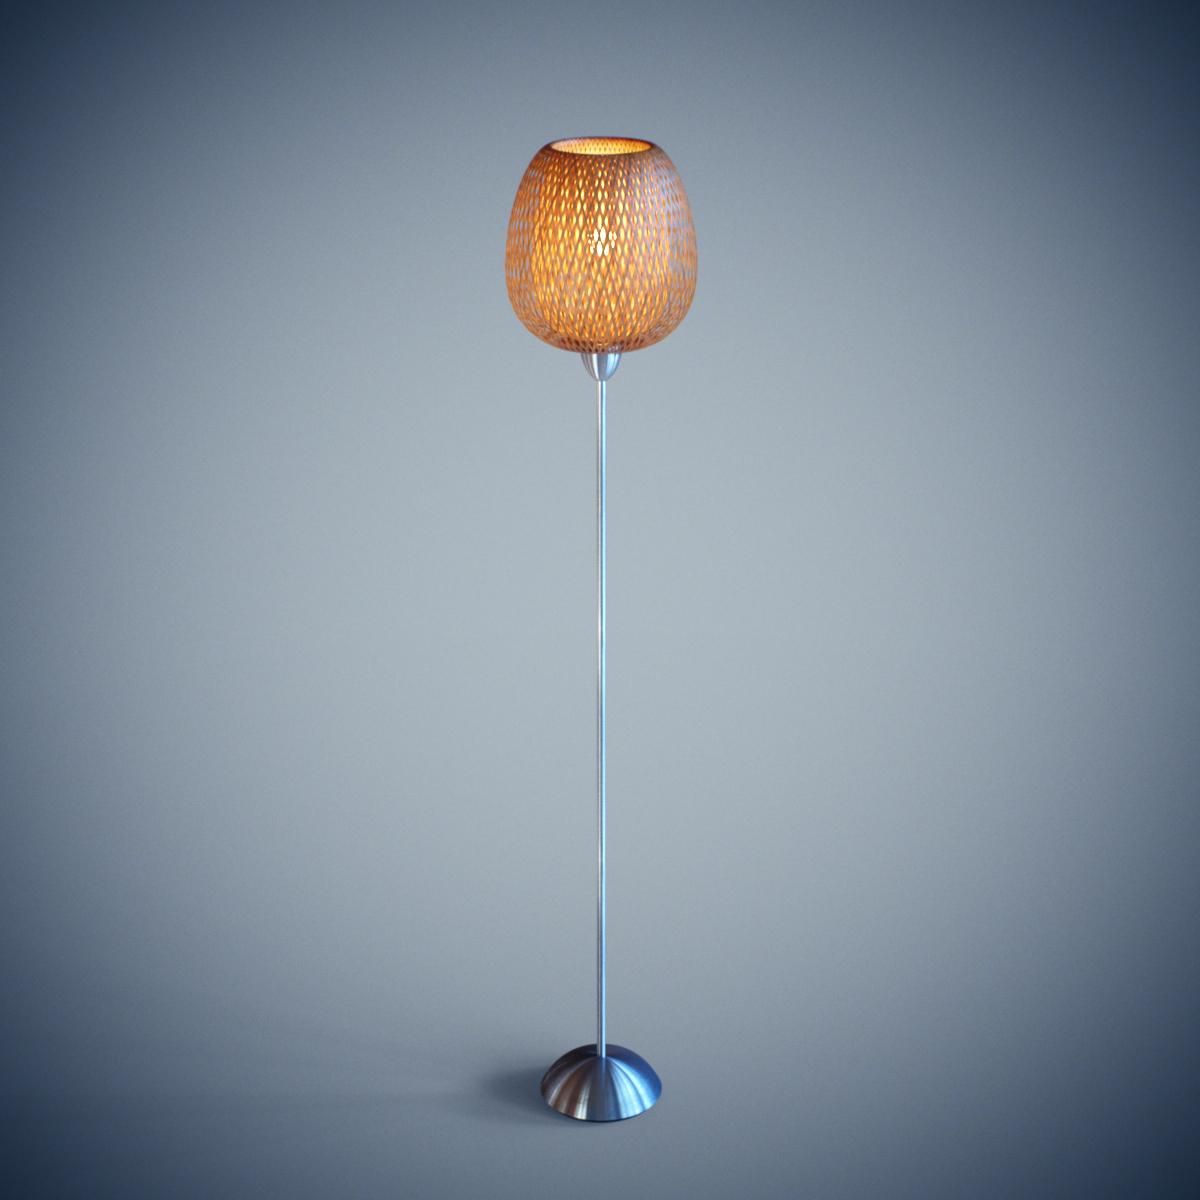 Full Size of Ikea Stehlampen Wohnzimmer Stehlampe Schirm Deckenfluter Not Dimmbar Lampenschirm Dimmen Lampe Papier Stehleuchte Kaputt Ersatzschirm Ohne Hektar Wohnzimmer Ikea Stehlampe